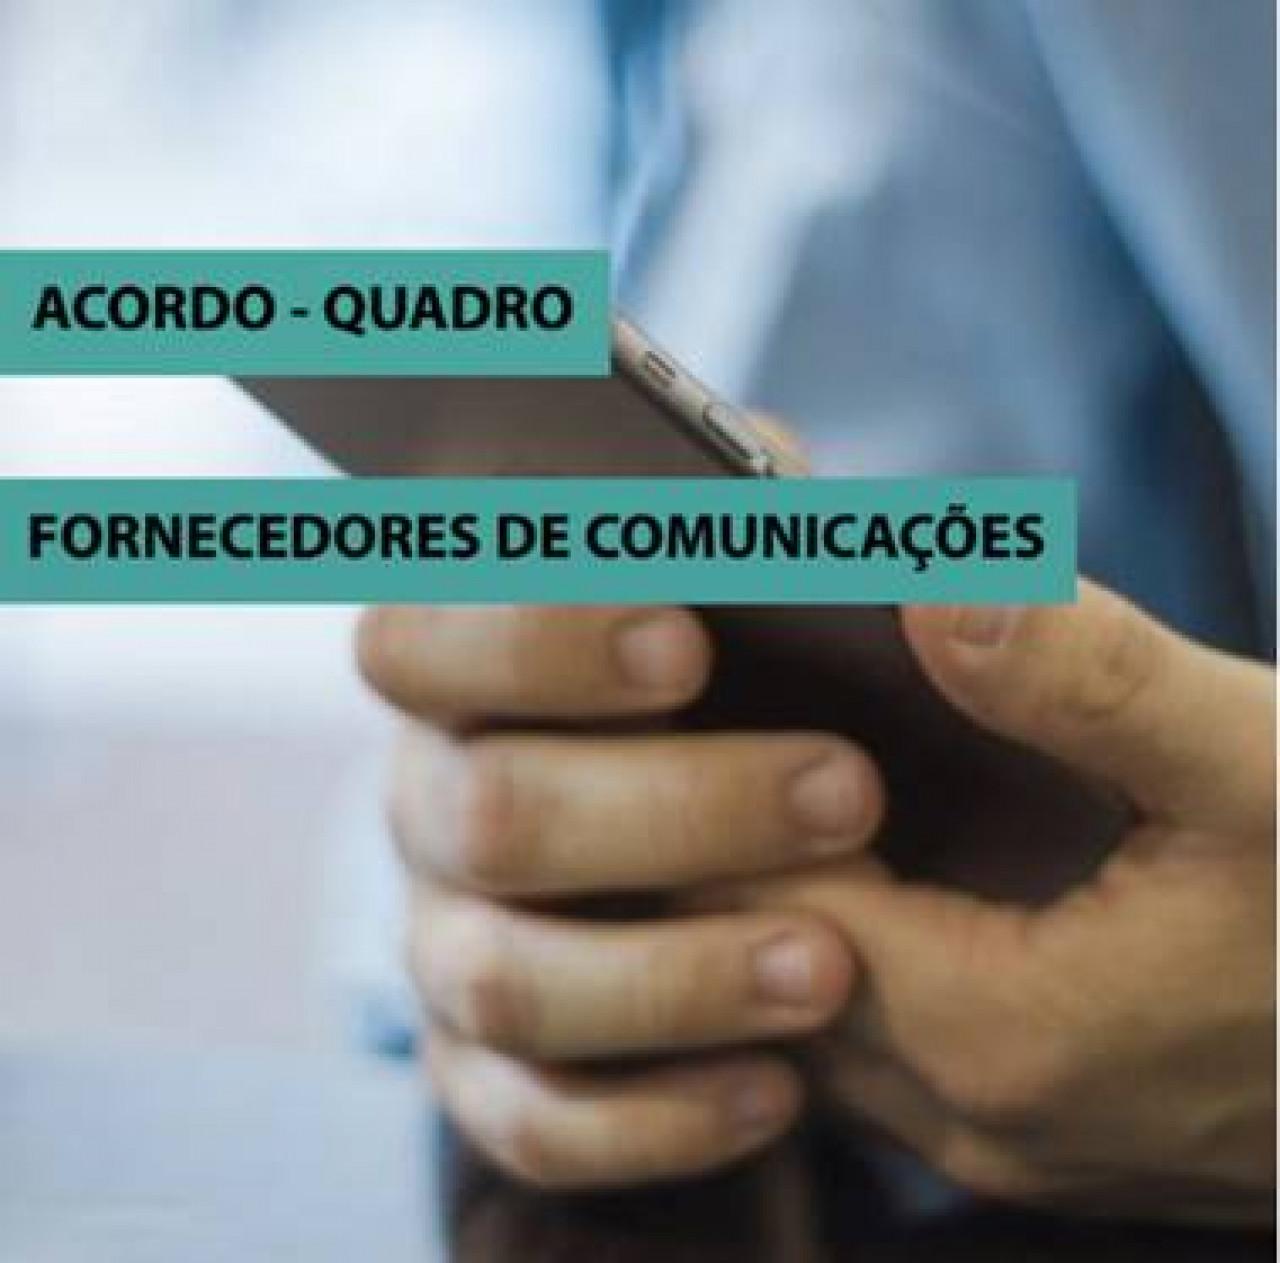 Central de Compras da CIMBAL lança Concurso Público Internacional para celebração de Acordo-Quadro para seleção de fornecedores de comunicações